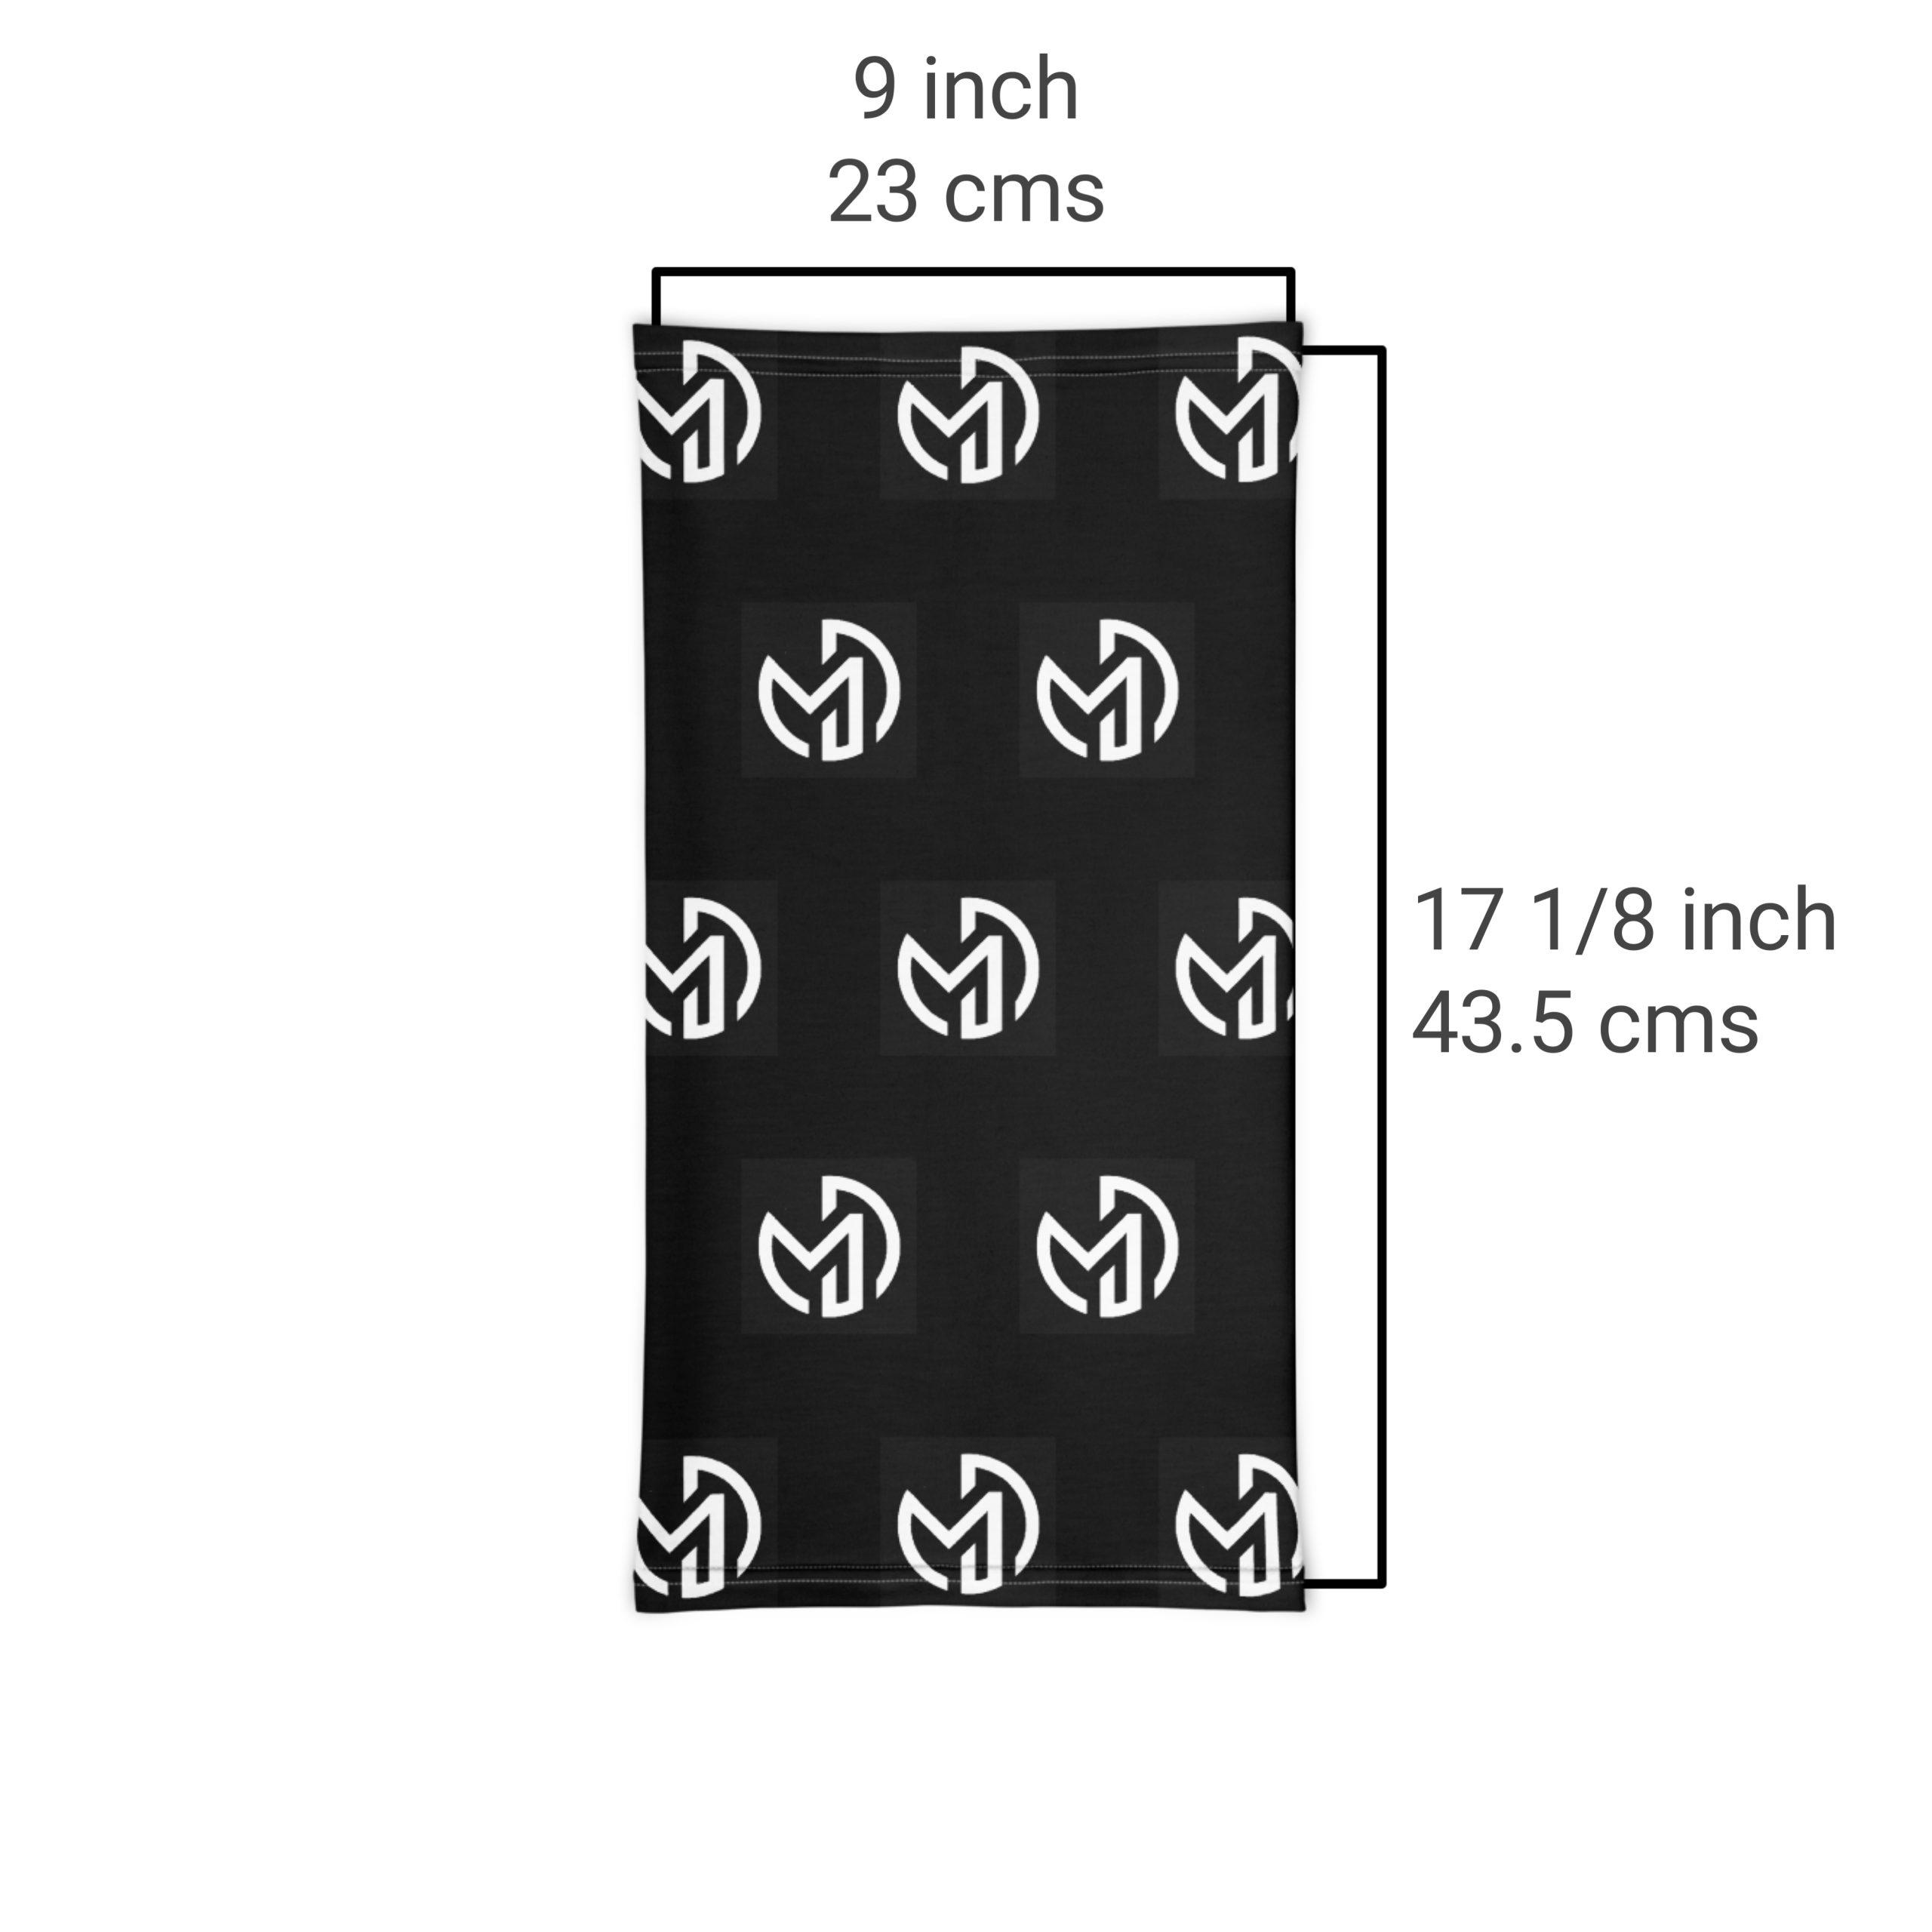 Neck Gaiter Size Chart